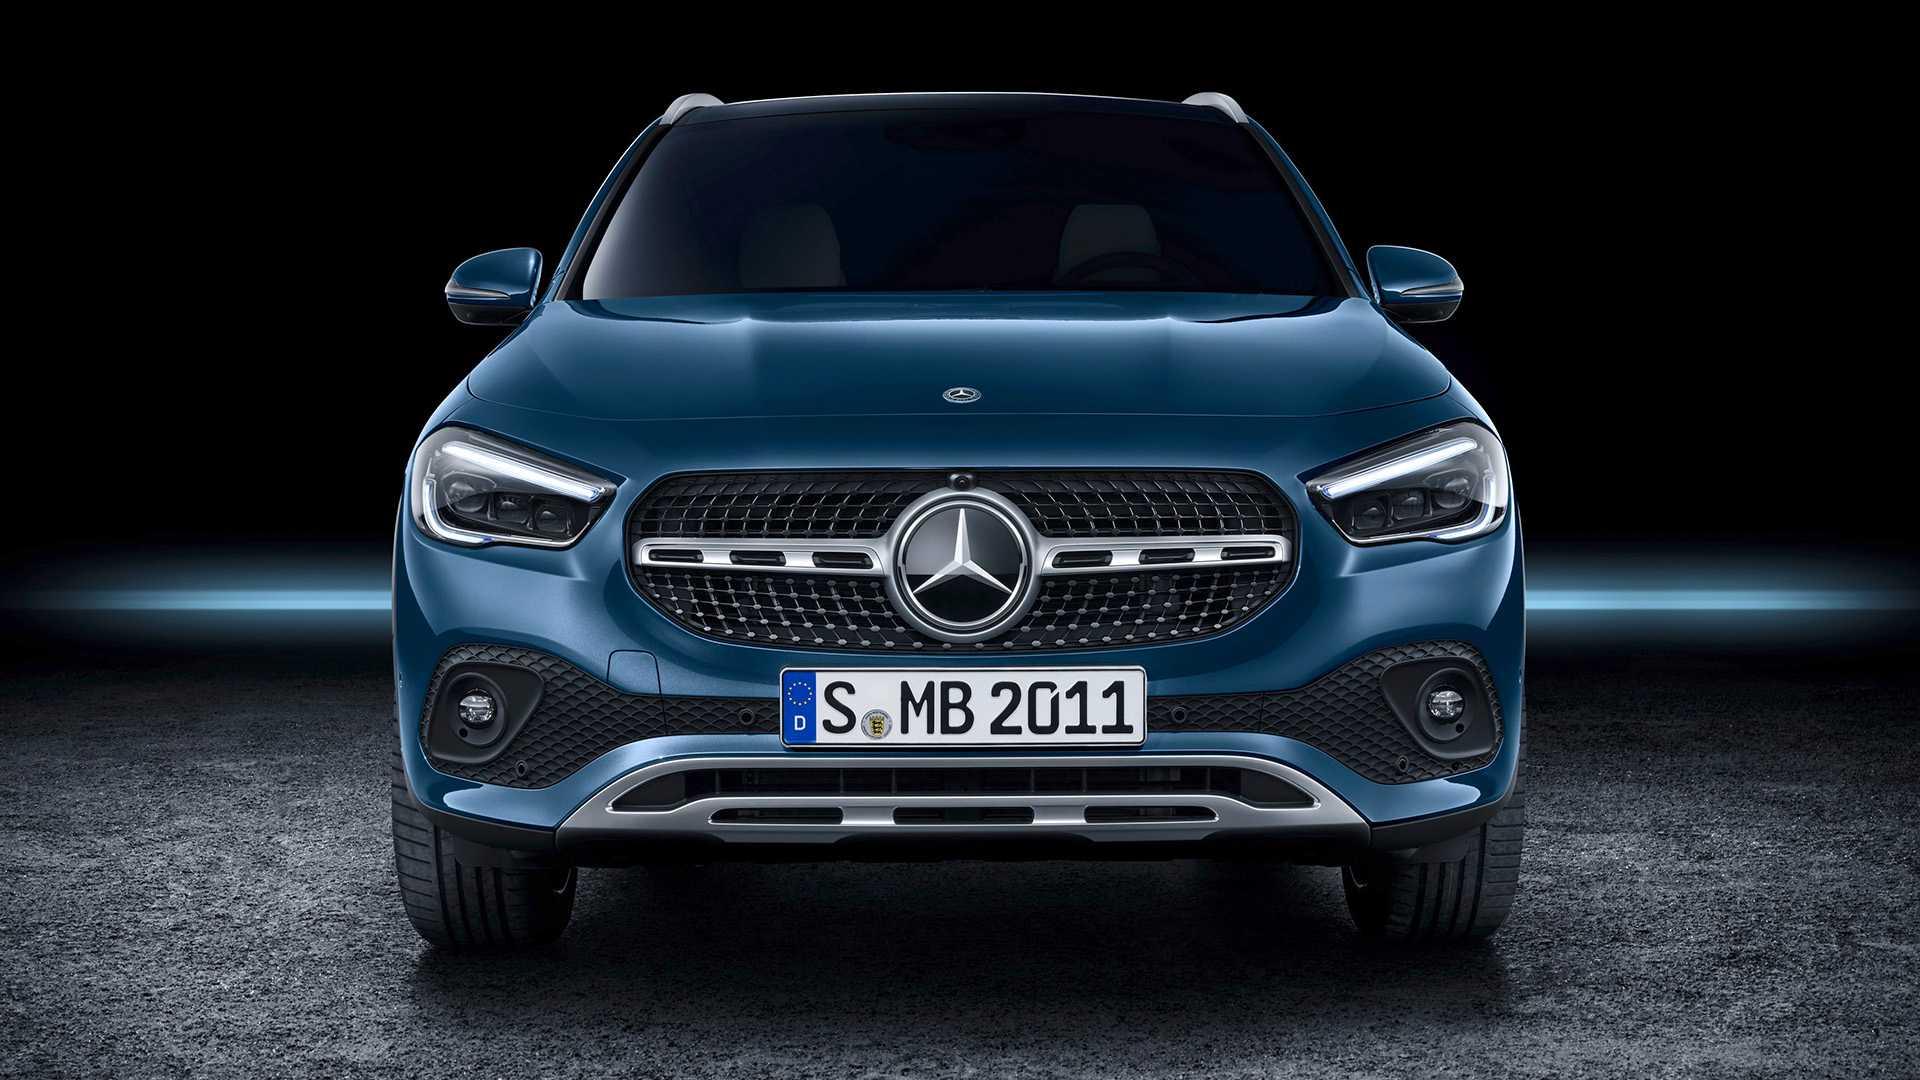 Ra mắt Mercedes-Benz GLA 2021 thế hệ mới, nhiều cải tiến đáng chú ý - 02